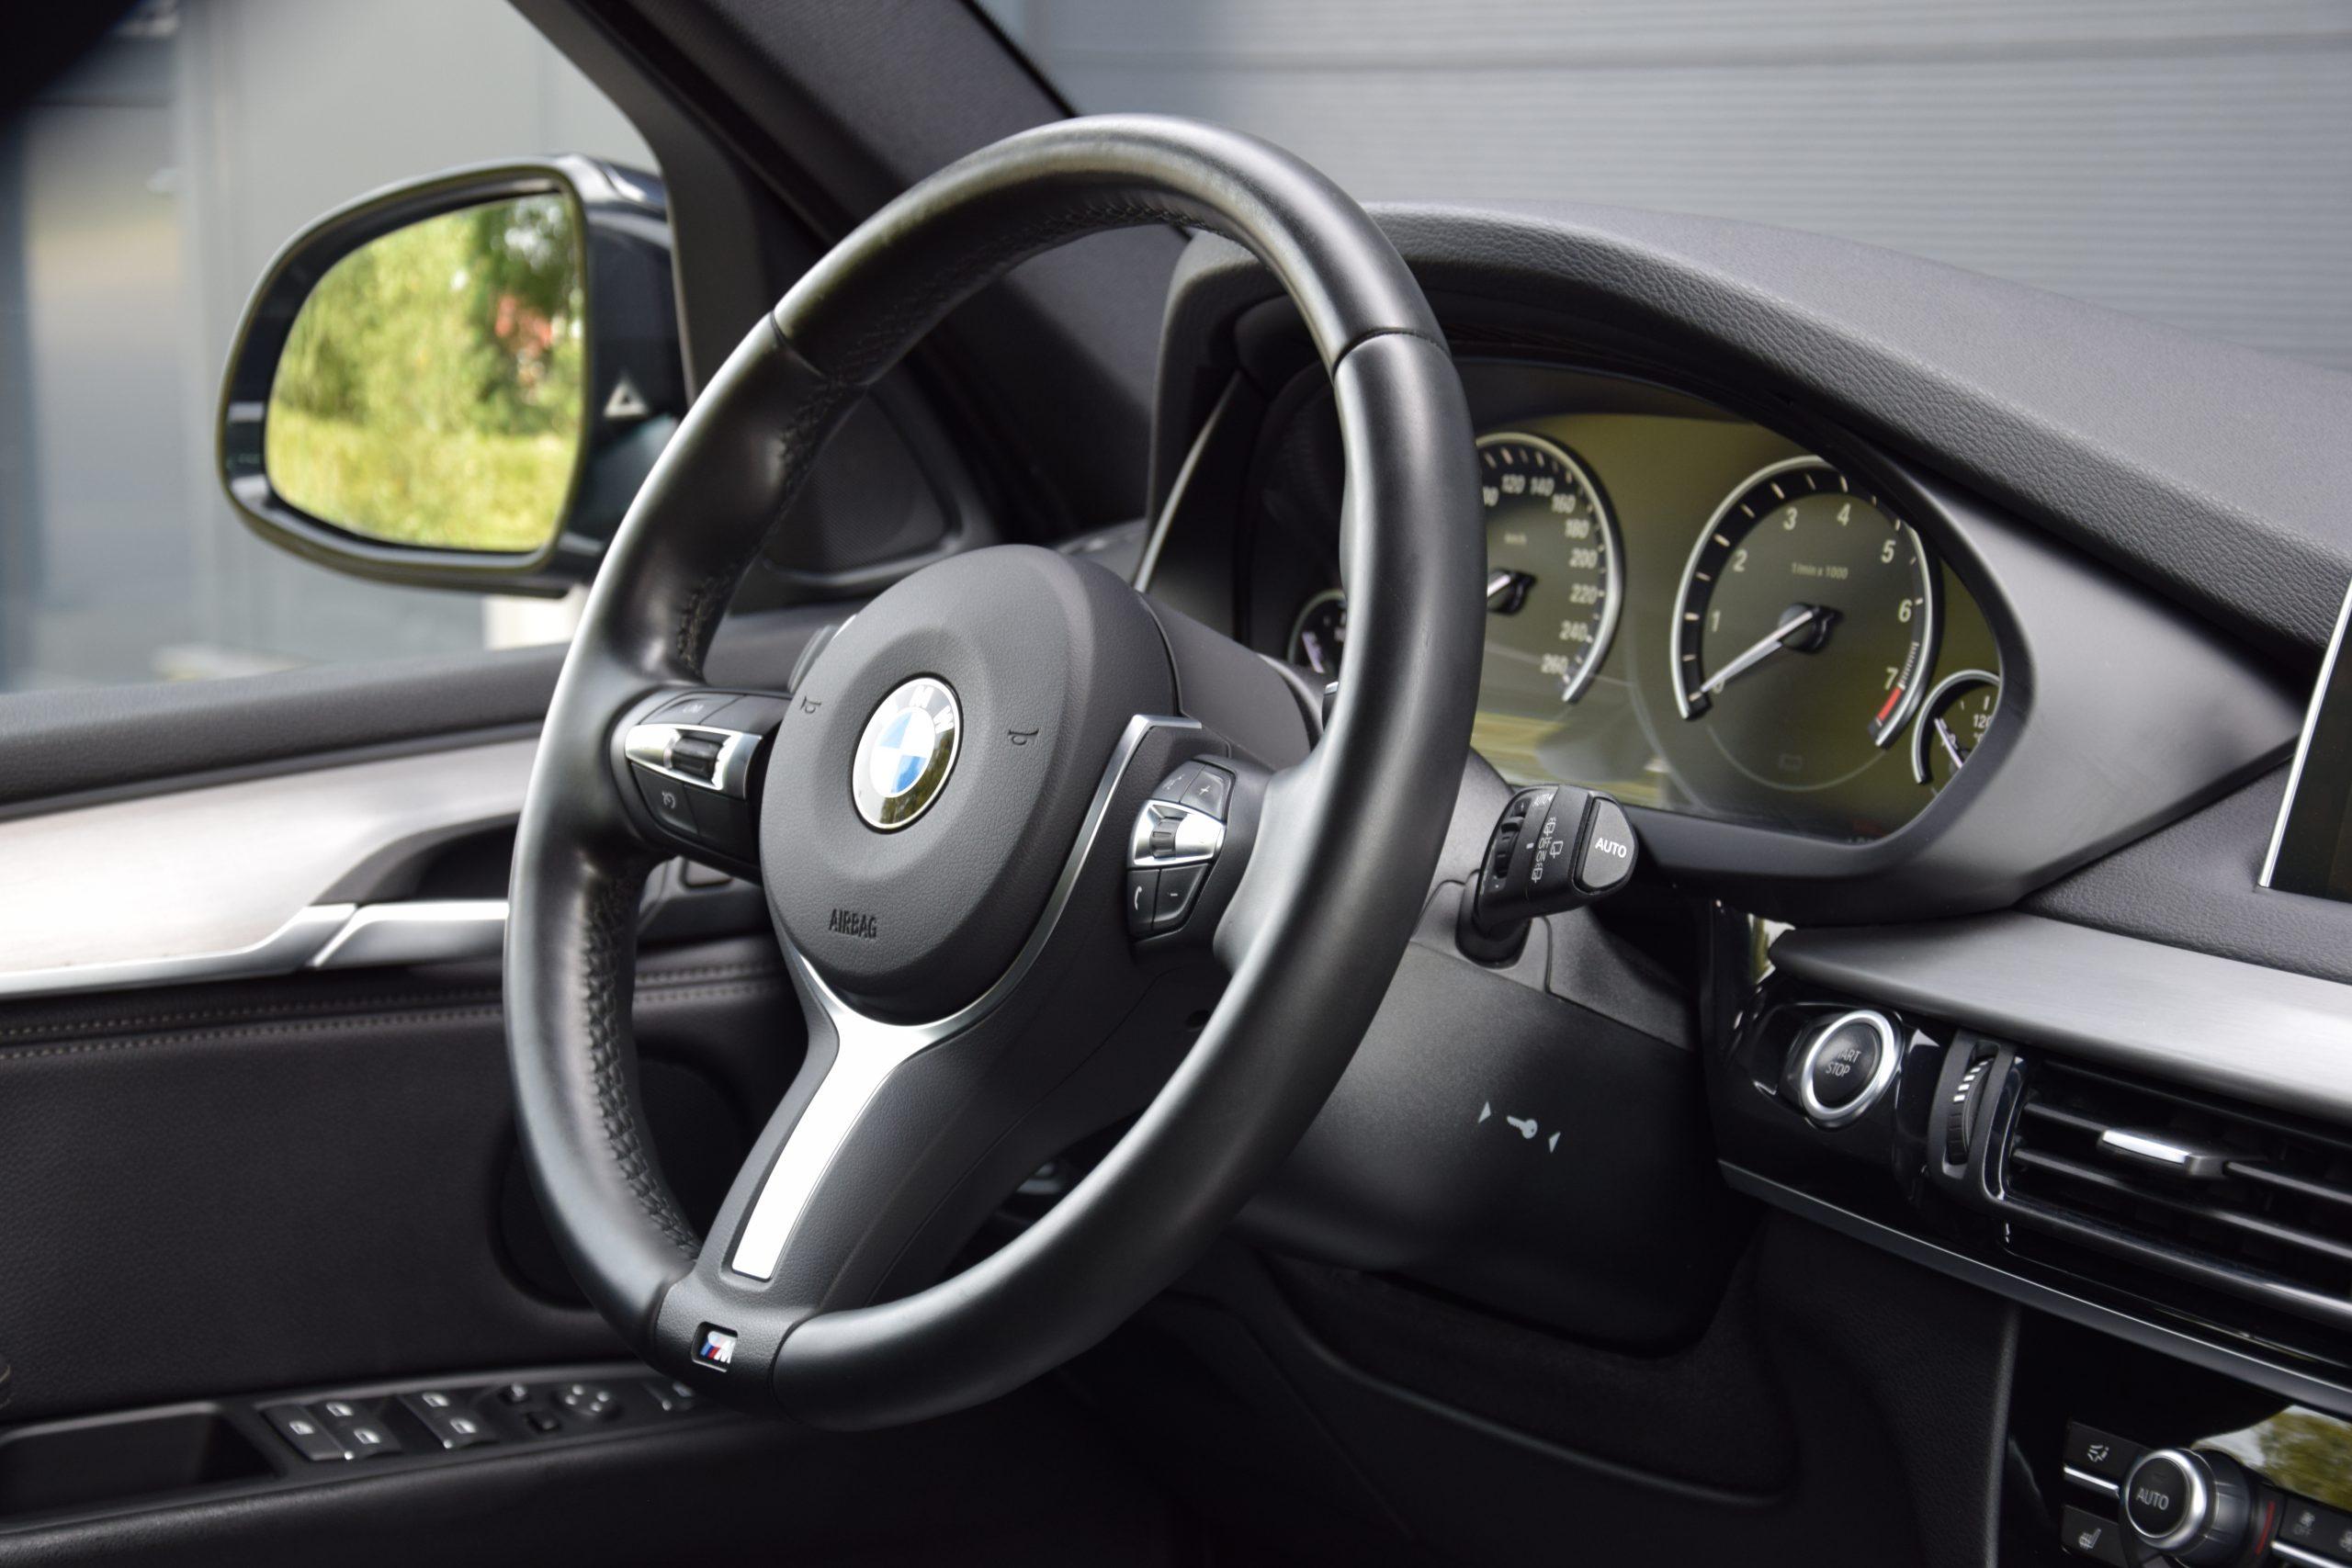 BMW X5 2.0A xDrive40e Hybrid M-Sportpakket 06/2017